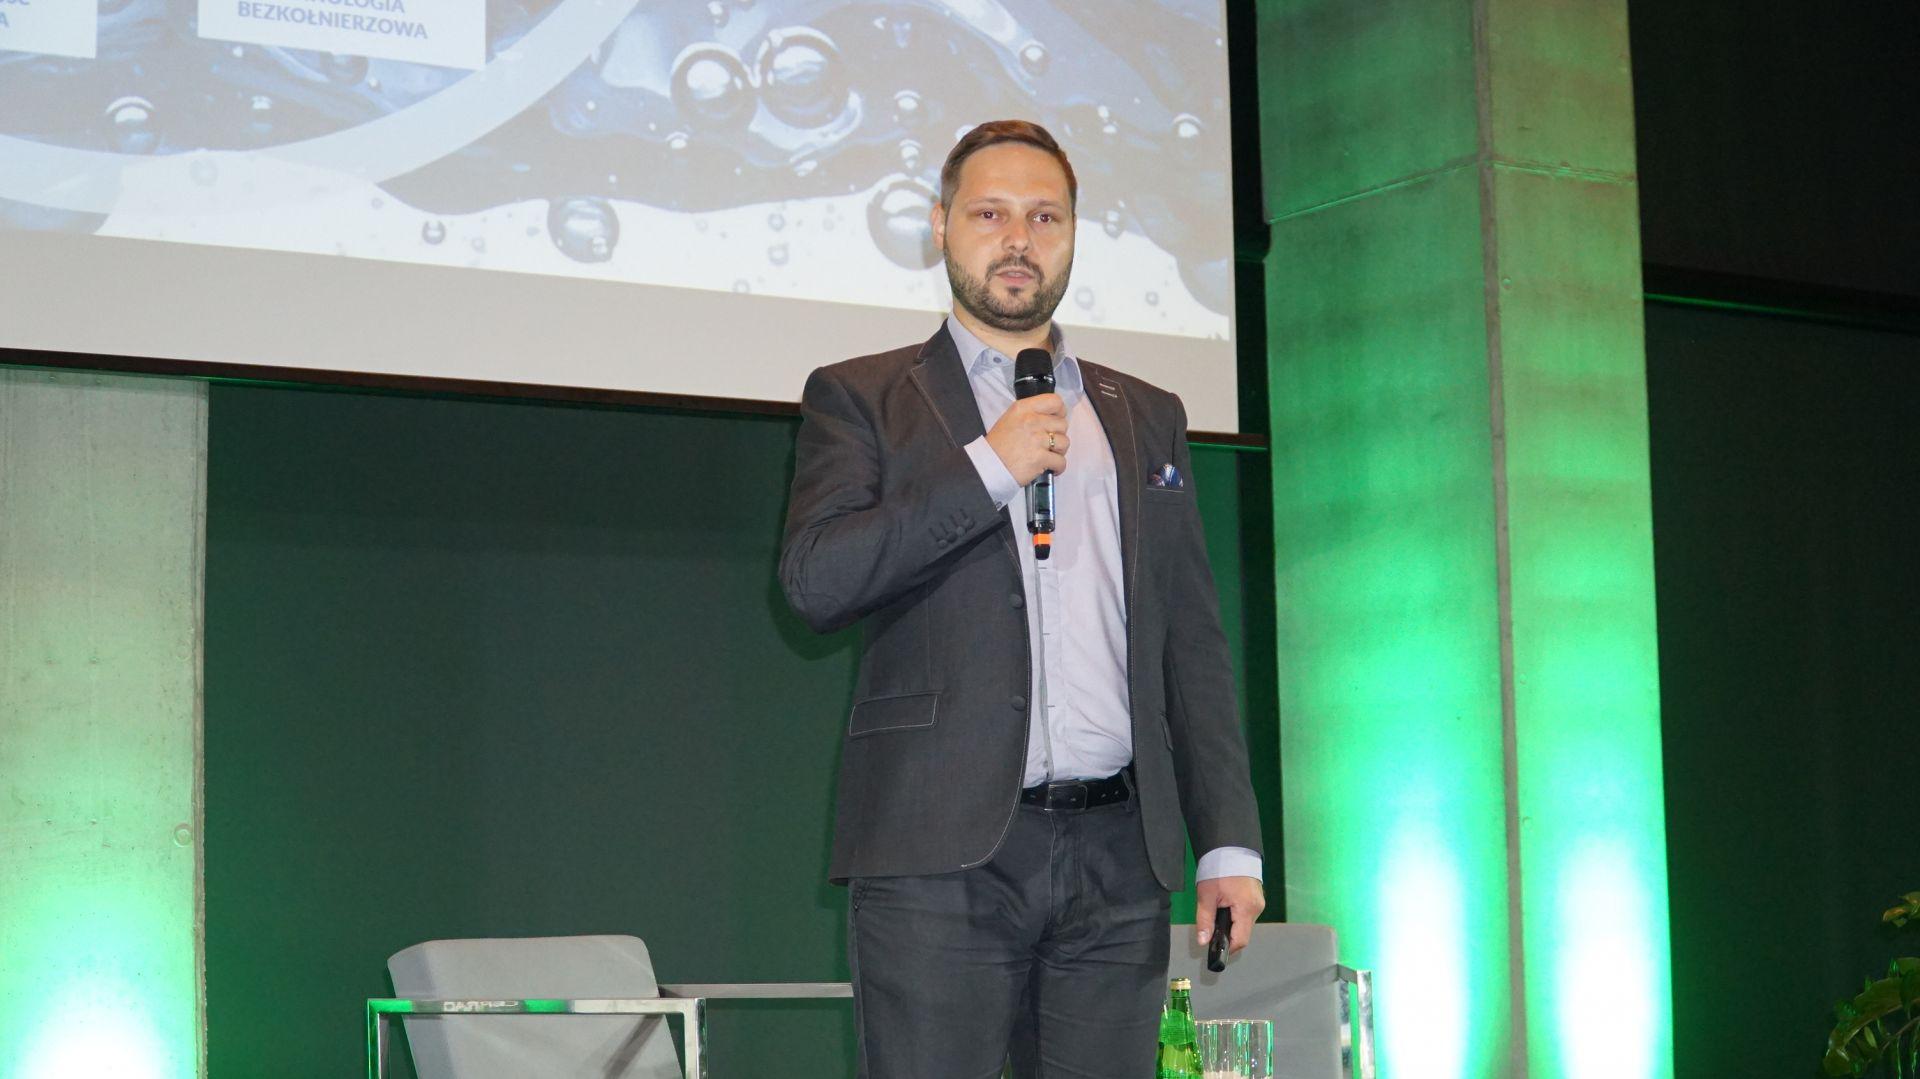 Prezentacja Partnera Głównego - Piotr Wychowaniec, firma Cersanit.